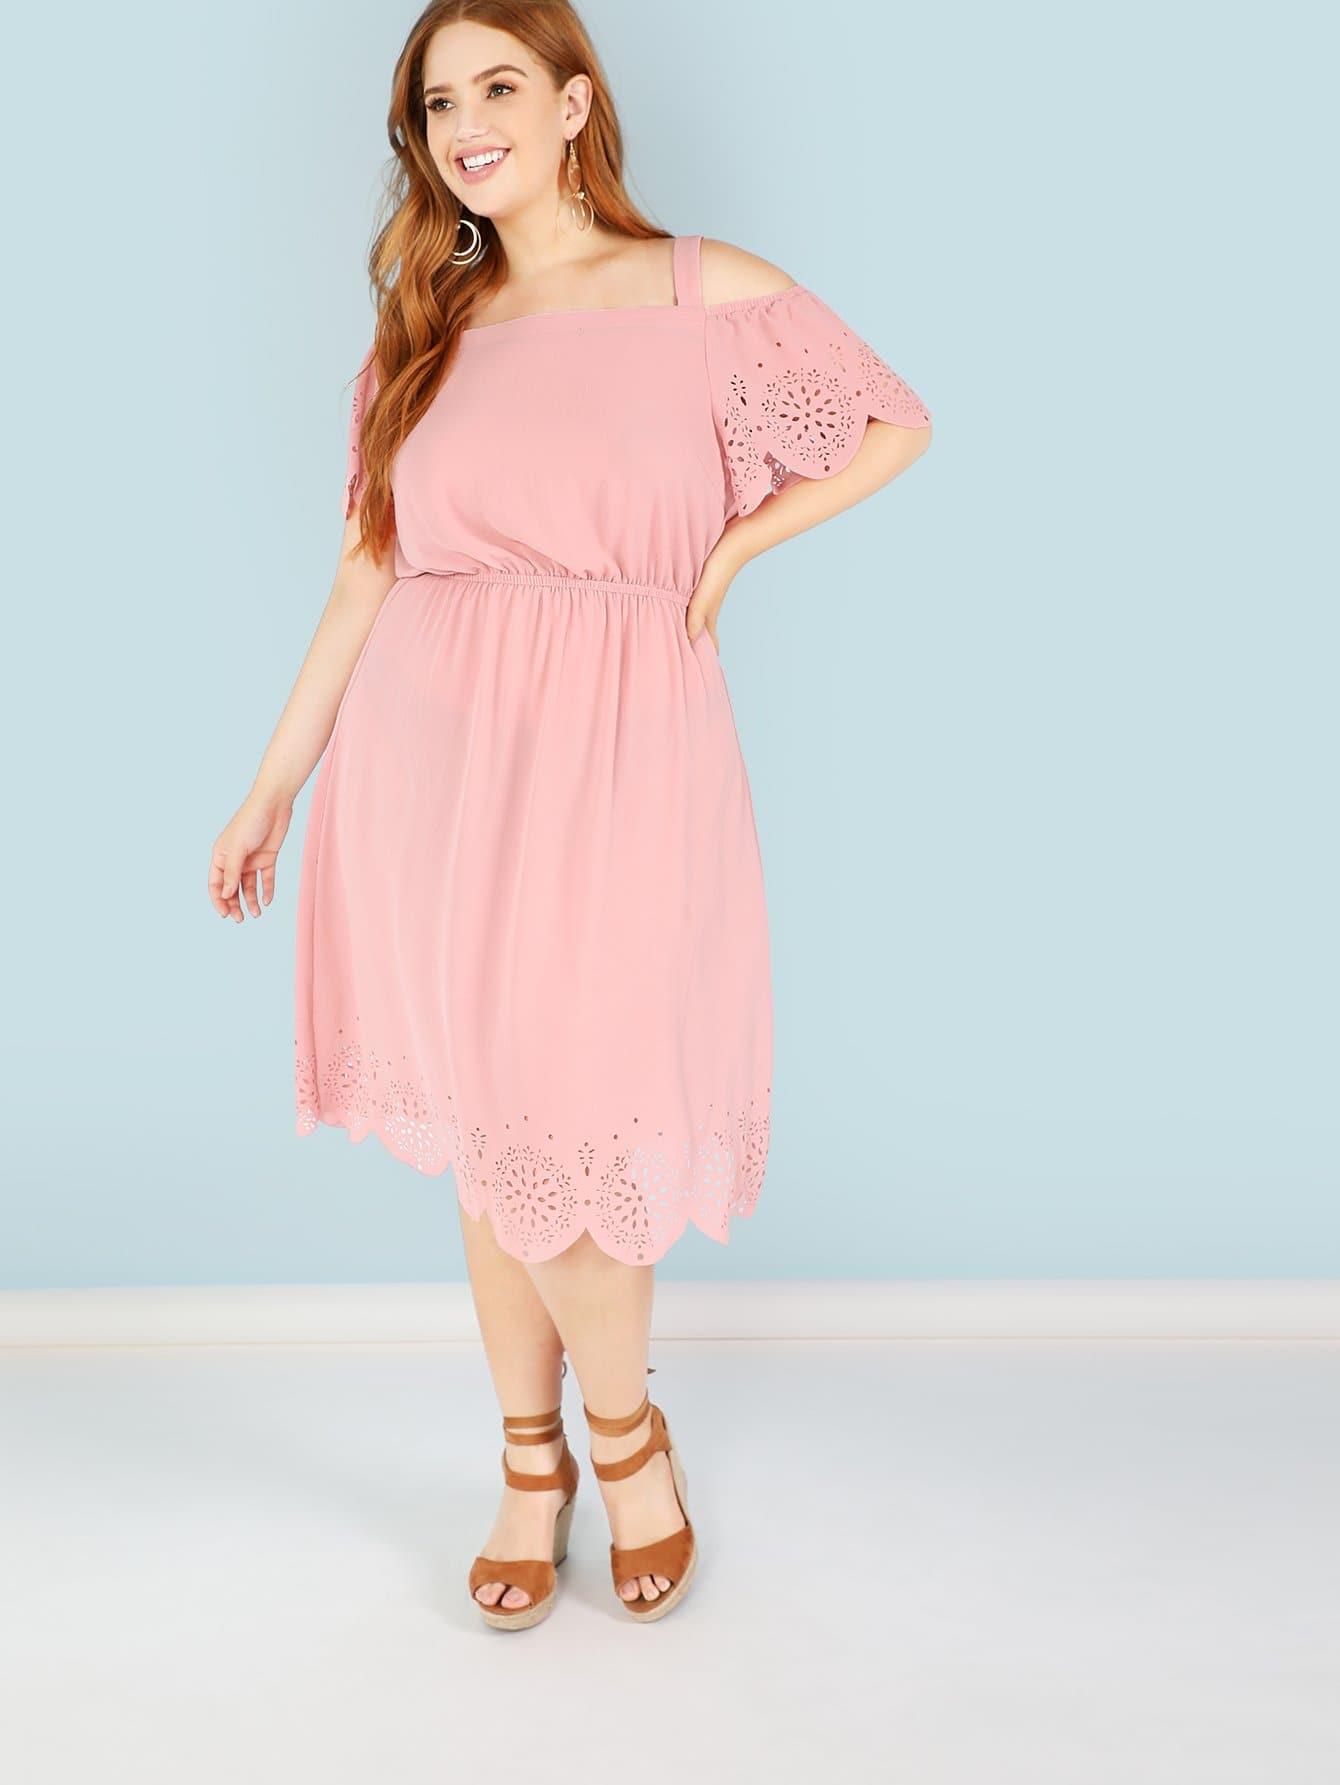 Купить Открытое плечо Лазерное резаное зубчатое гранильное платье, Bree Kish, SheIn